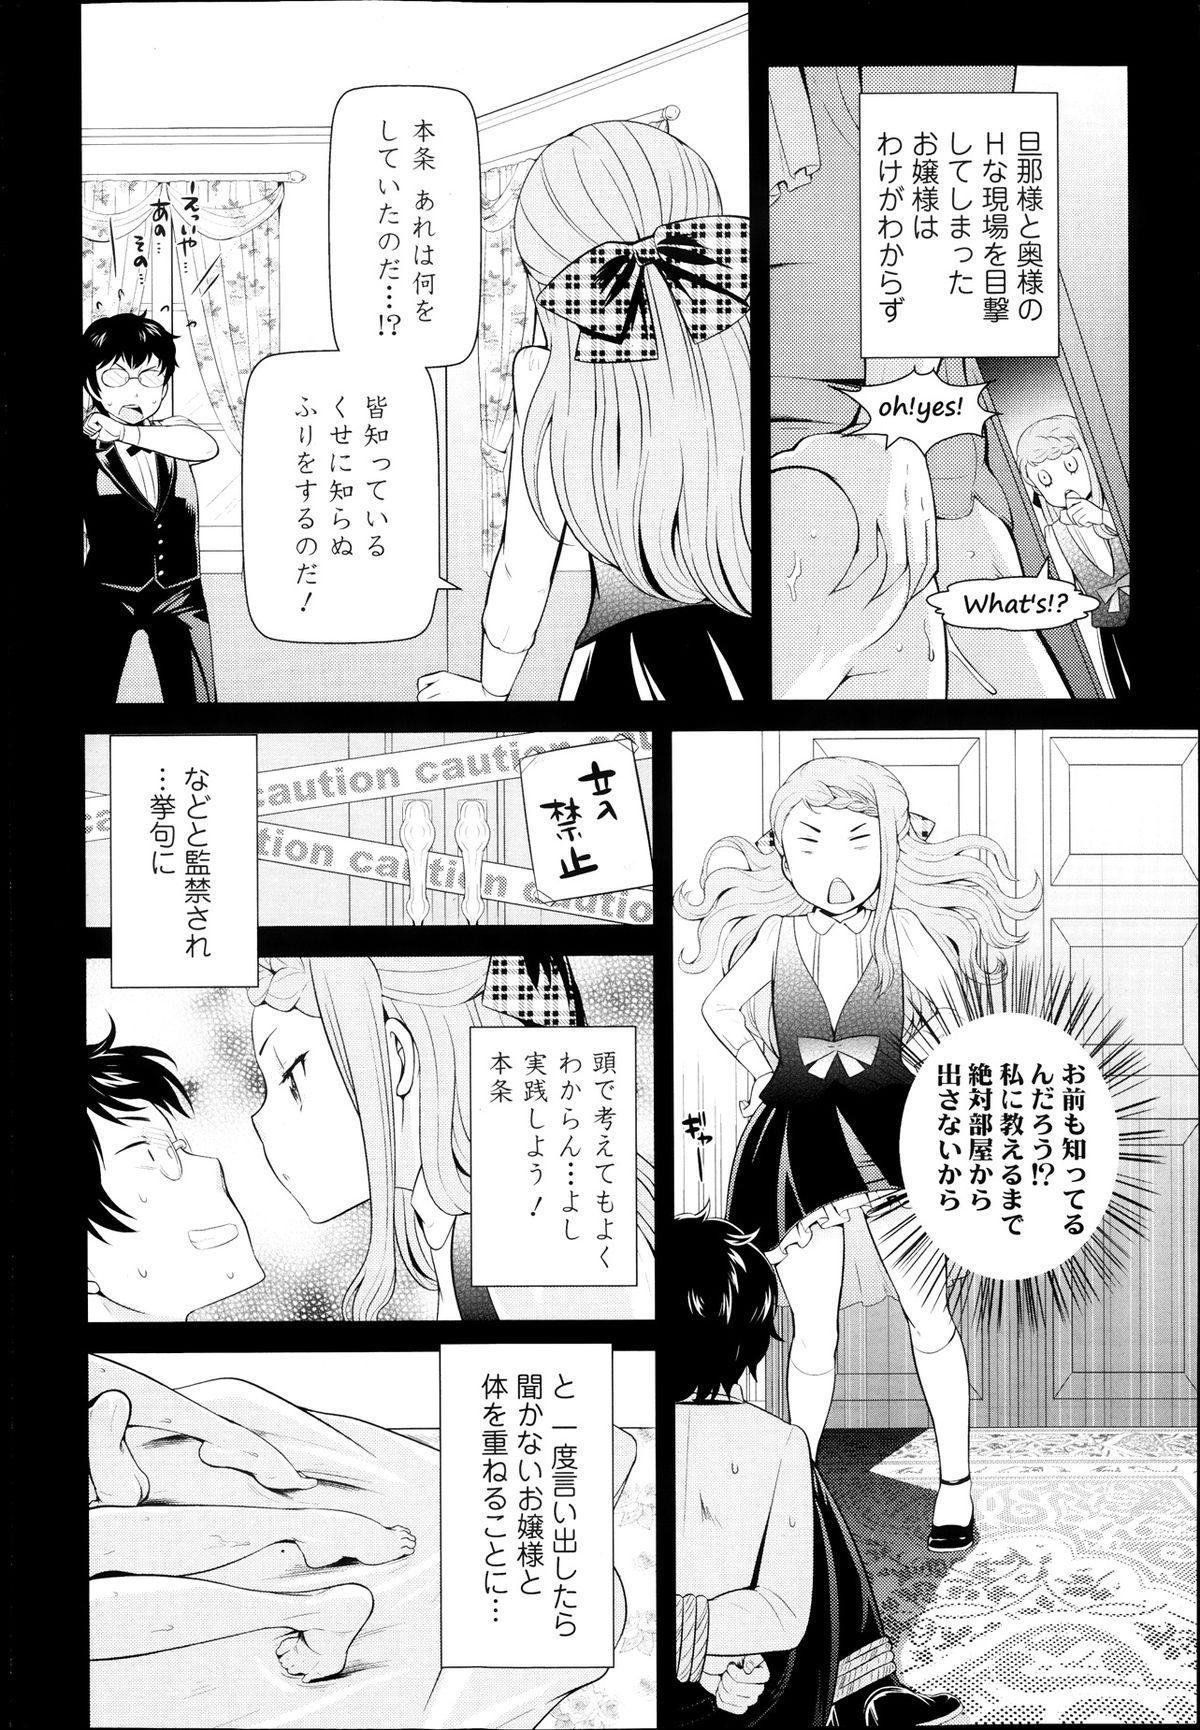 [Uesugi Kyoushirou] Matte Kudasai Ojou-sama   Yappari Suki desu, Ojou-sama 3